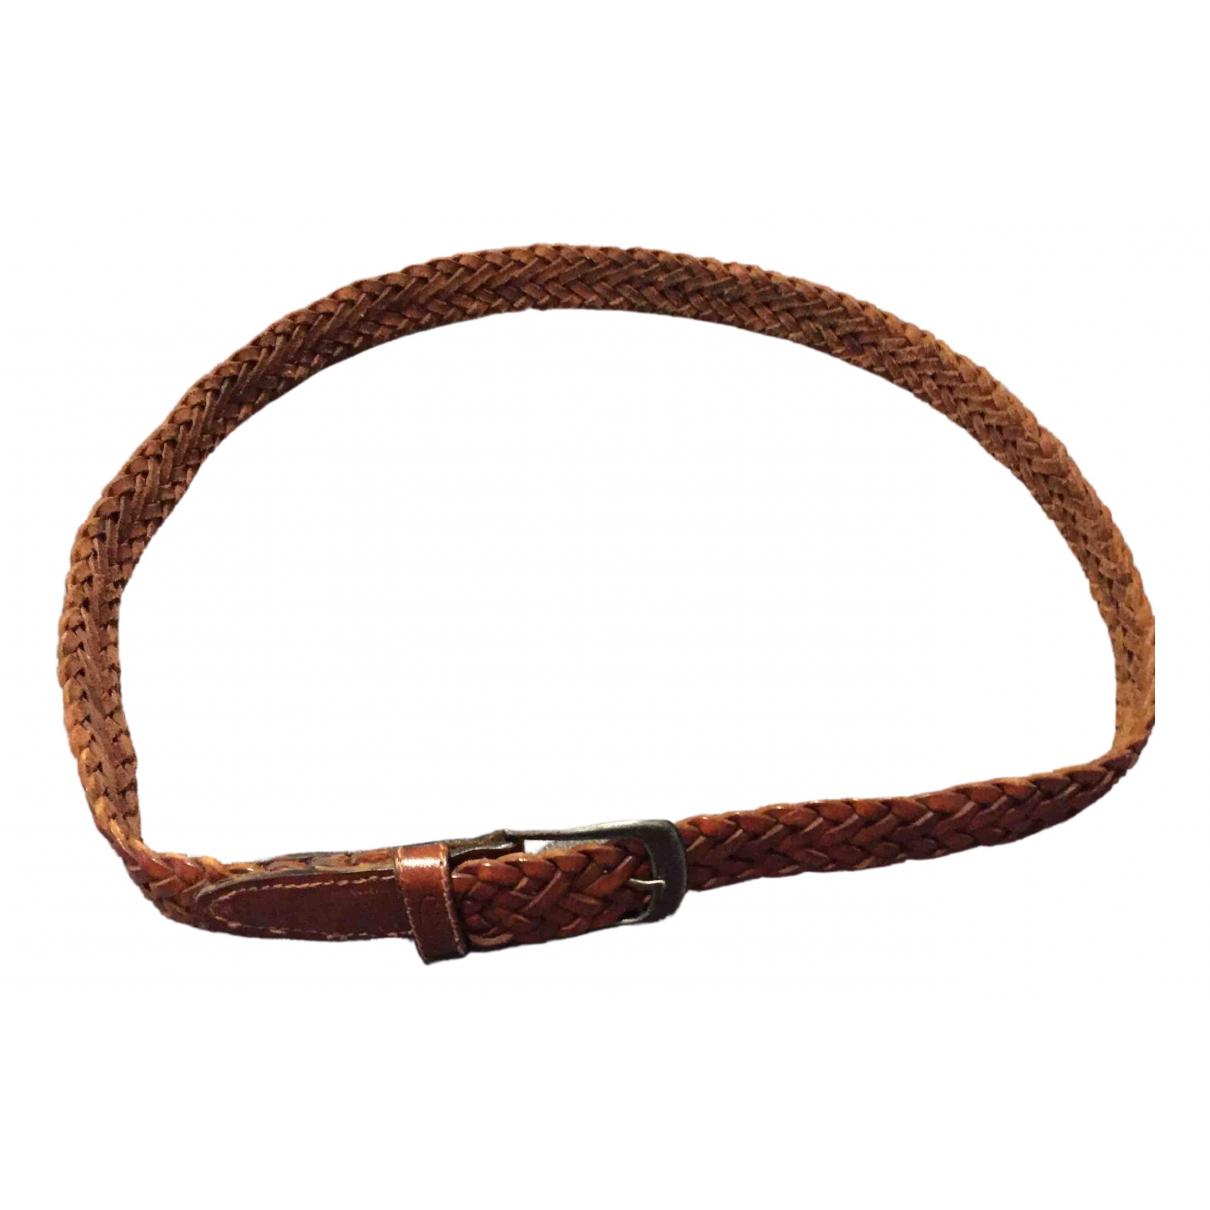 Missoni N Brown Leather belt for Men 100 cm